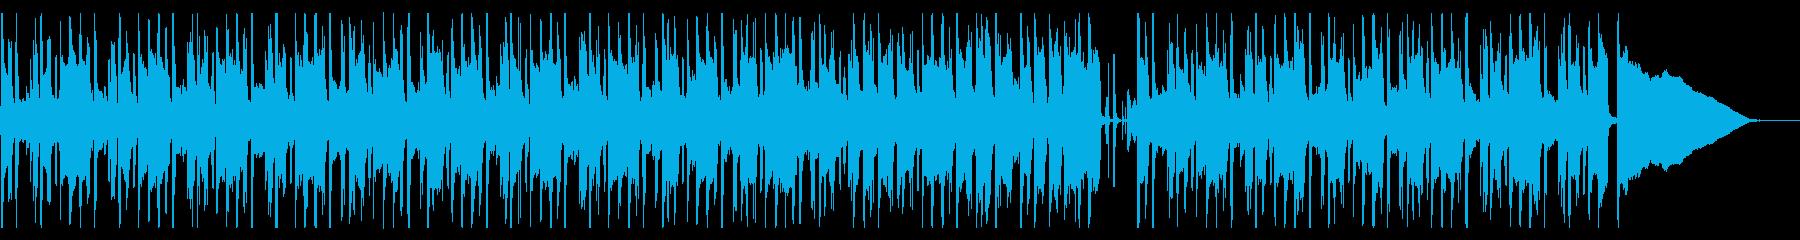 大人な雰囲気のあるかっこいいメロディーの再生済みの波形